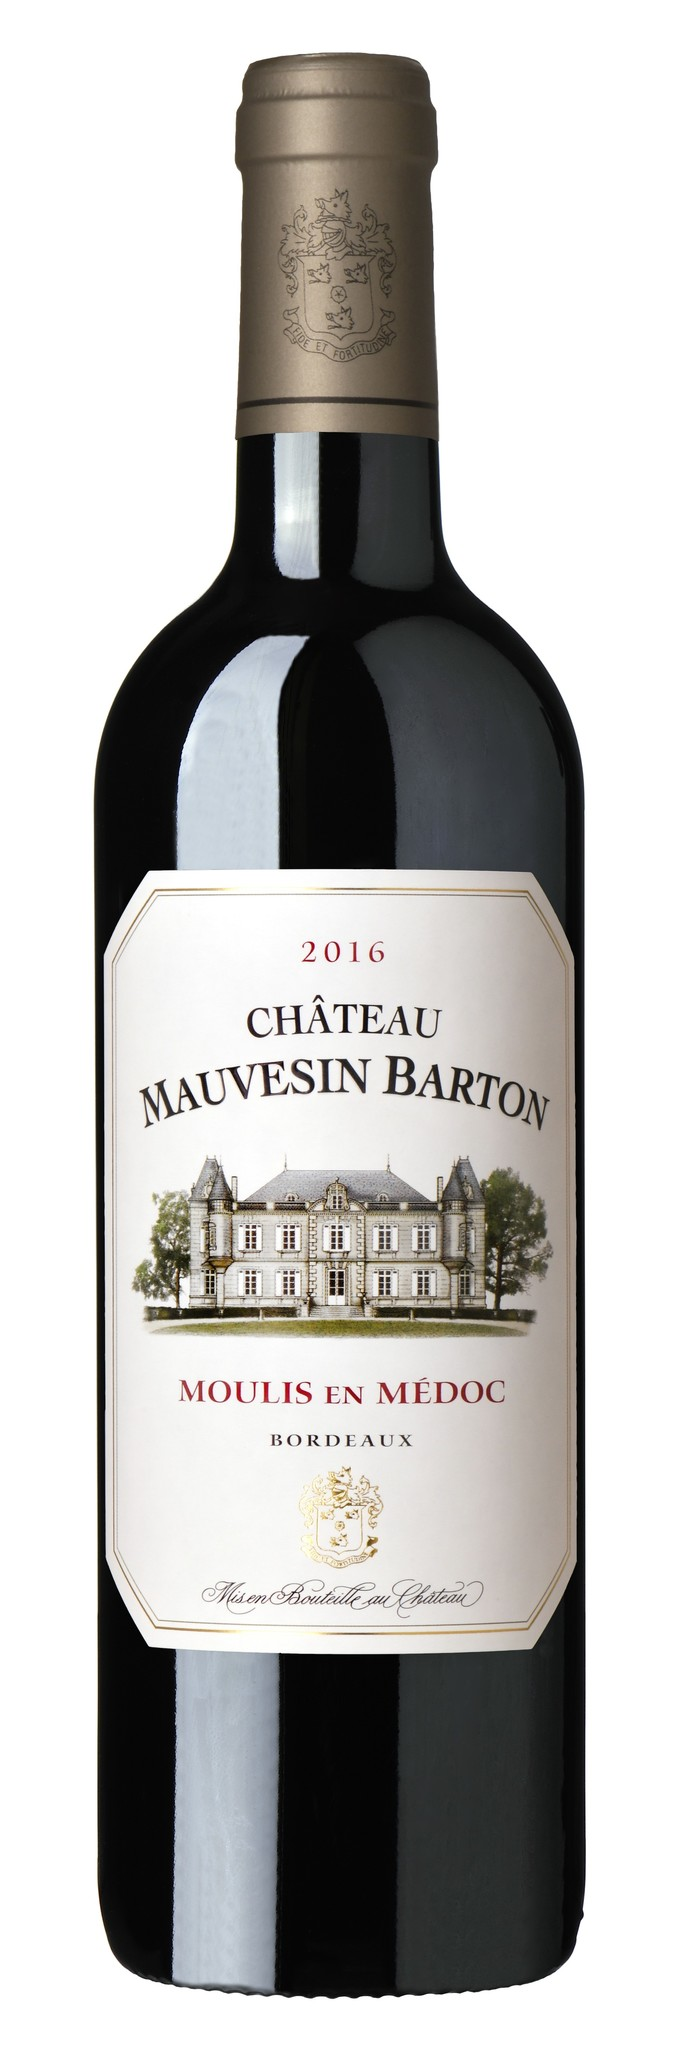 Chateau Mauvesin Barton - Bordeaux 2016 Château Mauvesin Barton, Moulis-en-Médoc